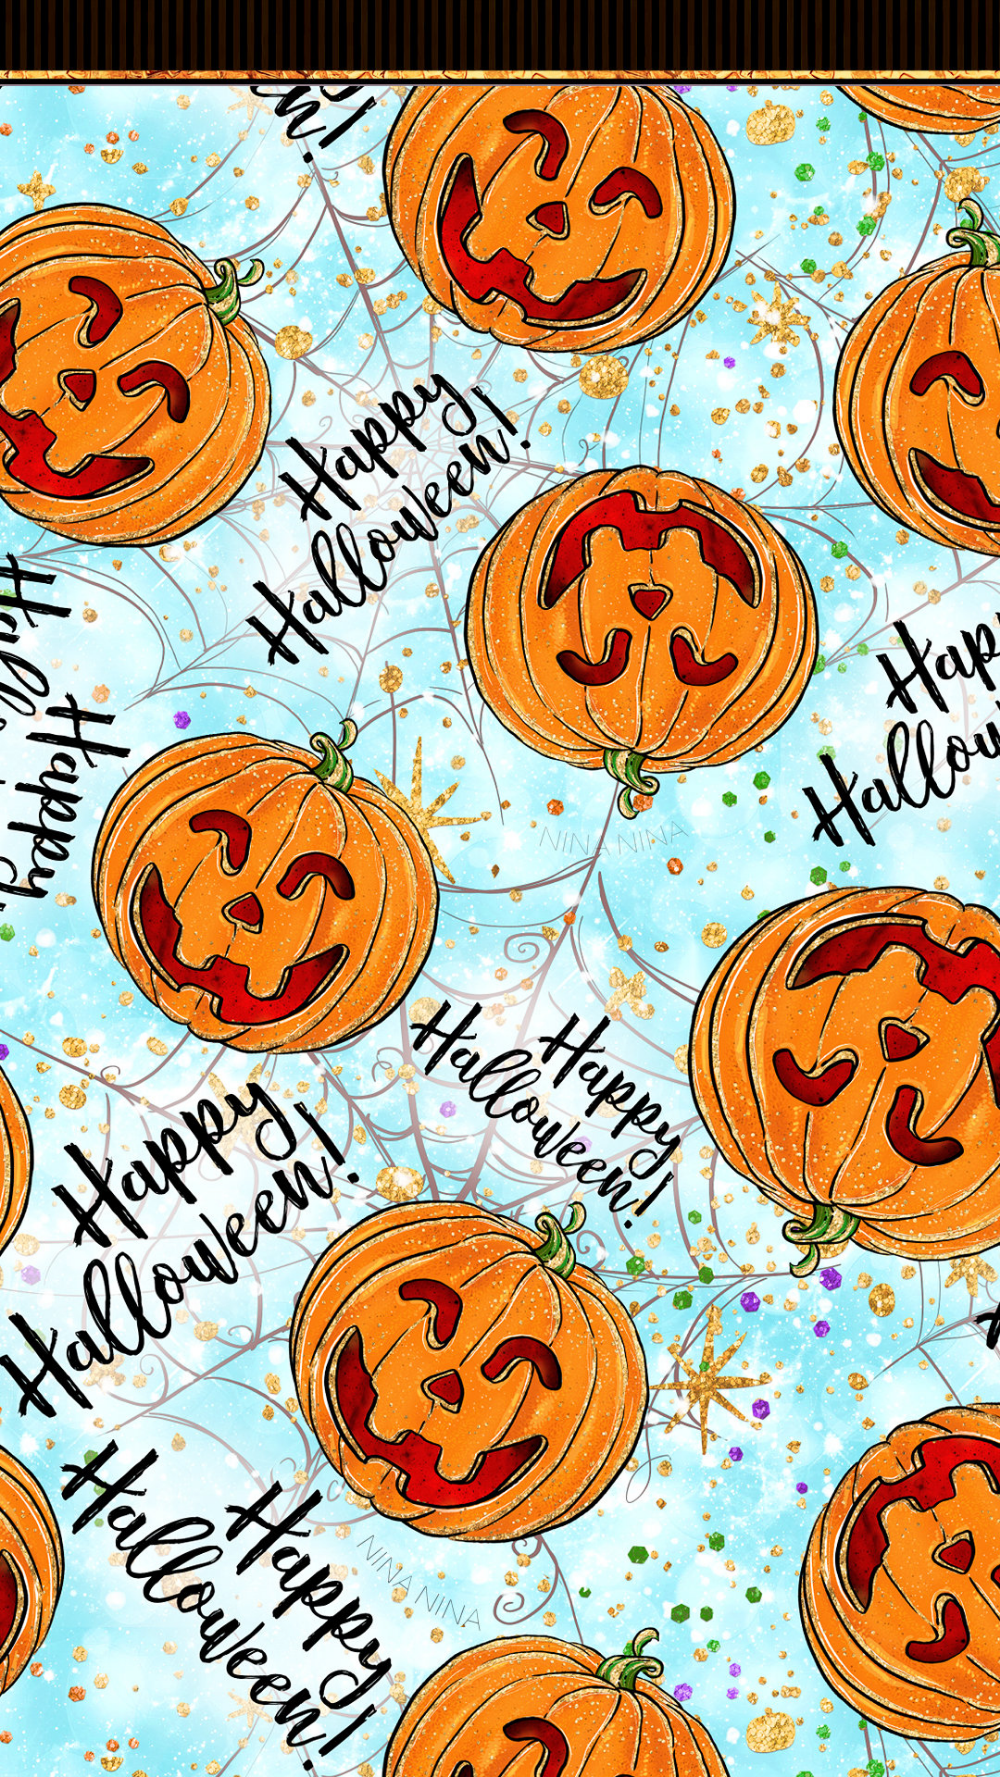 Freebie Cute Halloween Digital Paper Pack Halloween Etsy In 2020 Halloween Wallpaper Iphone Halloween Wallpaper Cute Holiday Iphone Wallpaper